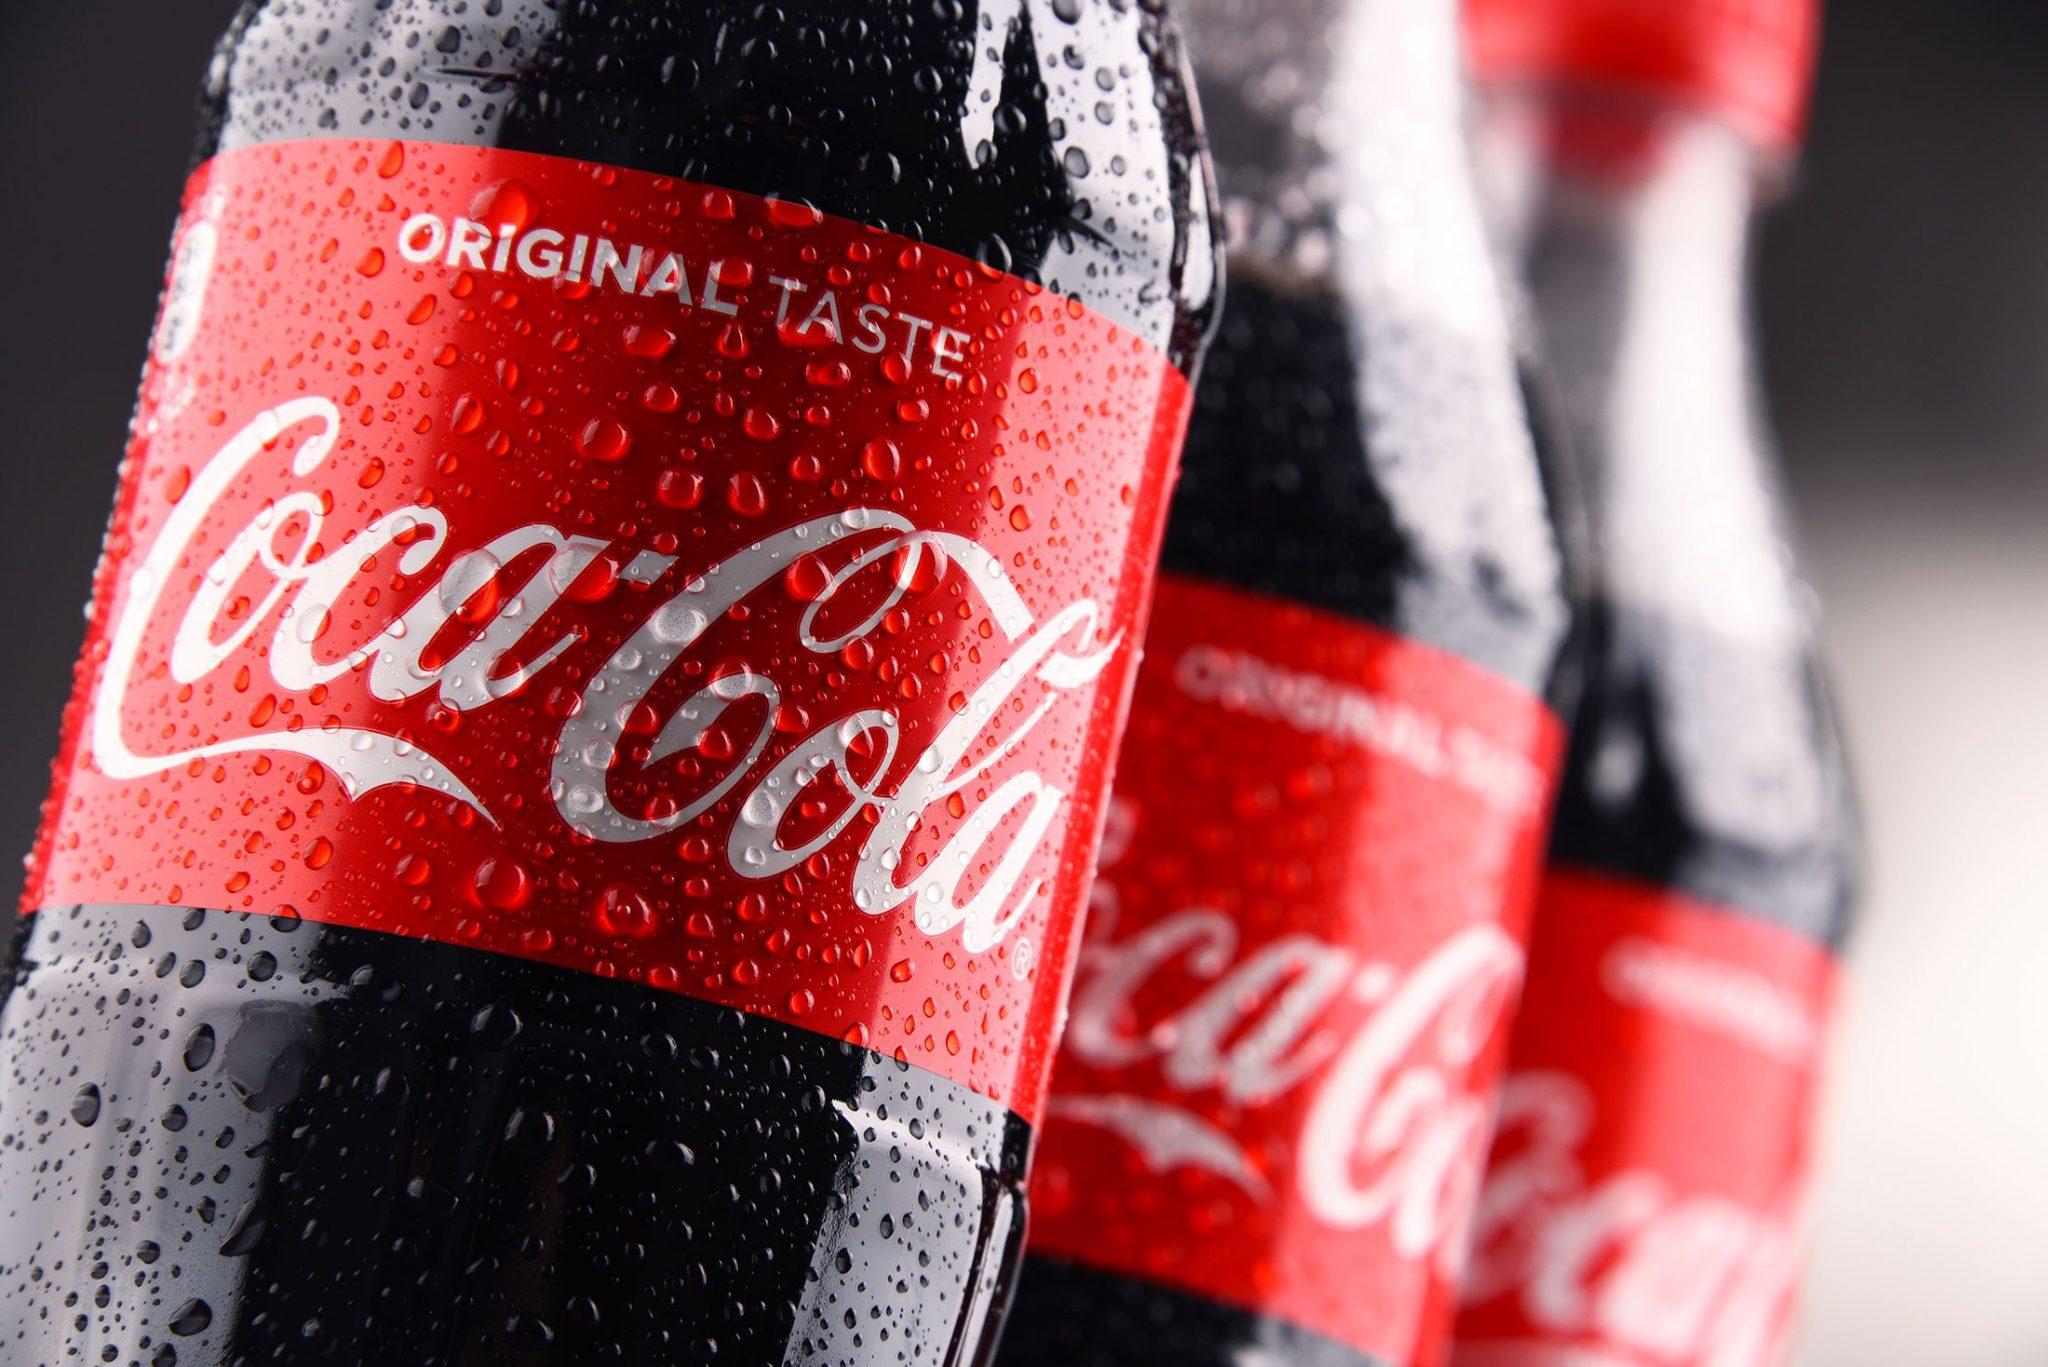 Что происходит с вашим телом в течение часа после употребления кока-колы